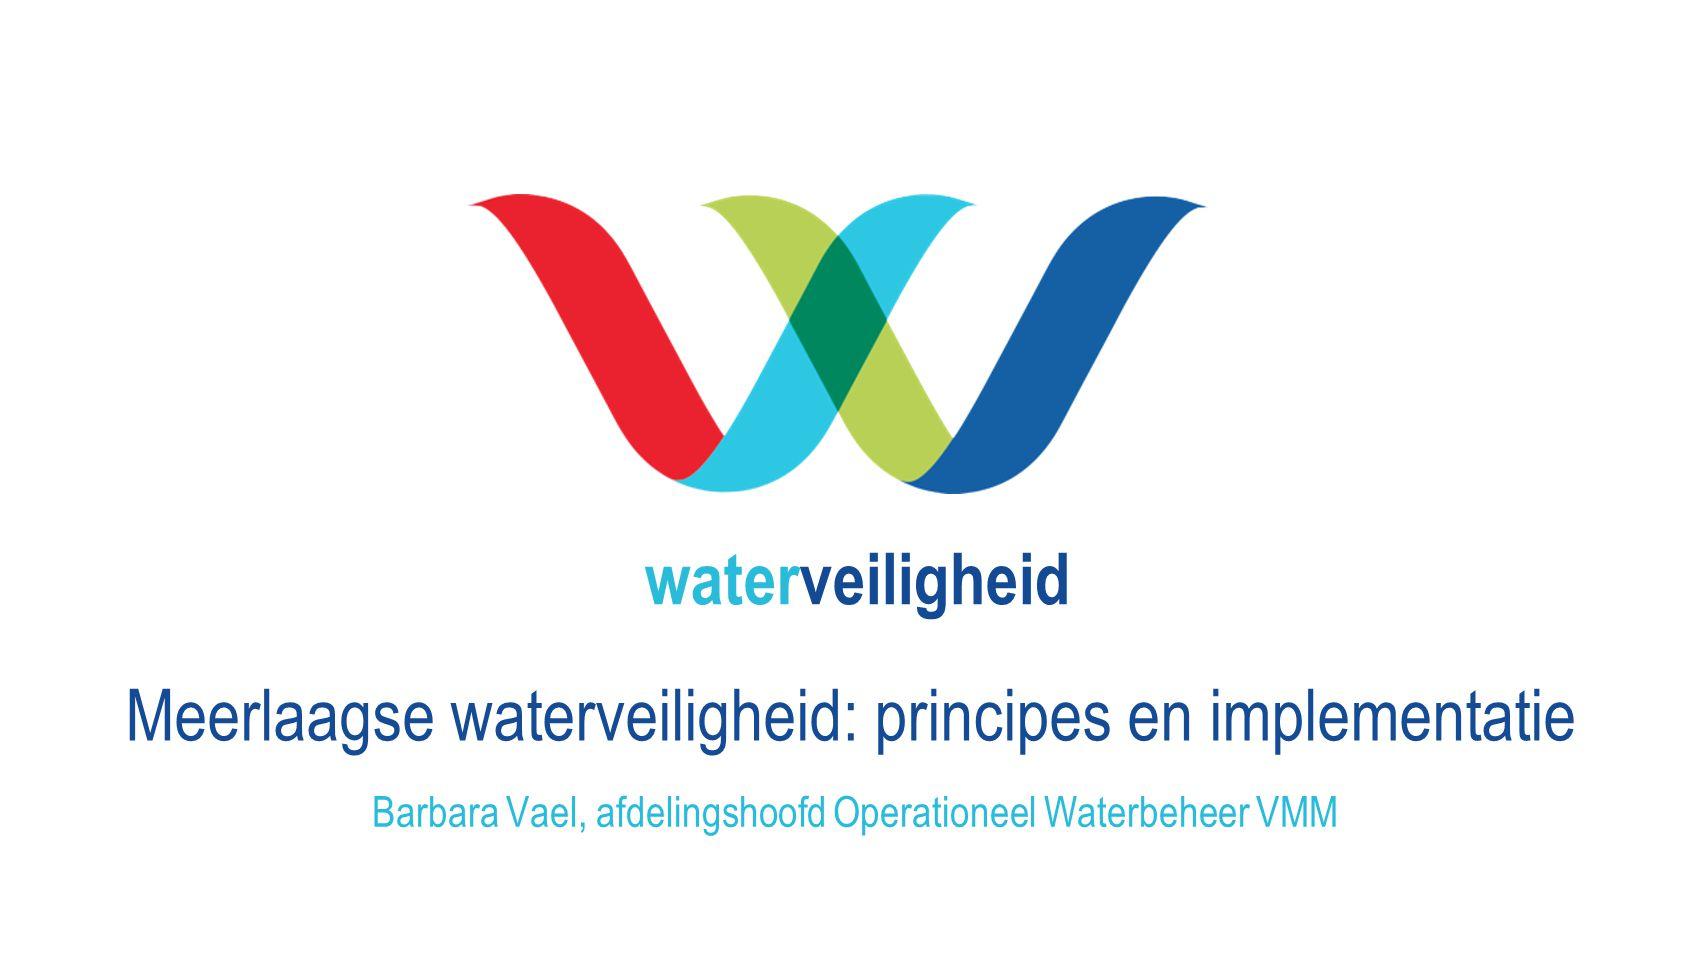 waterveiligheid Meerlaagse waterveiligheid: principes en implementatie Barbara Vael, afdelingshoofd Operationeel Waterbeheer VMM